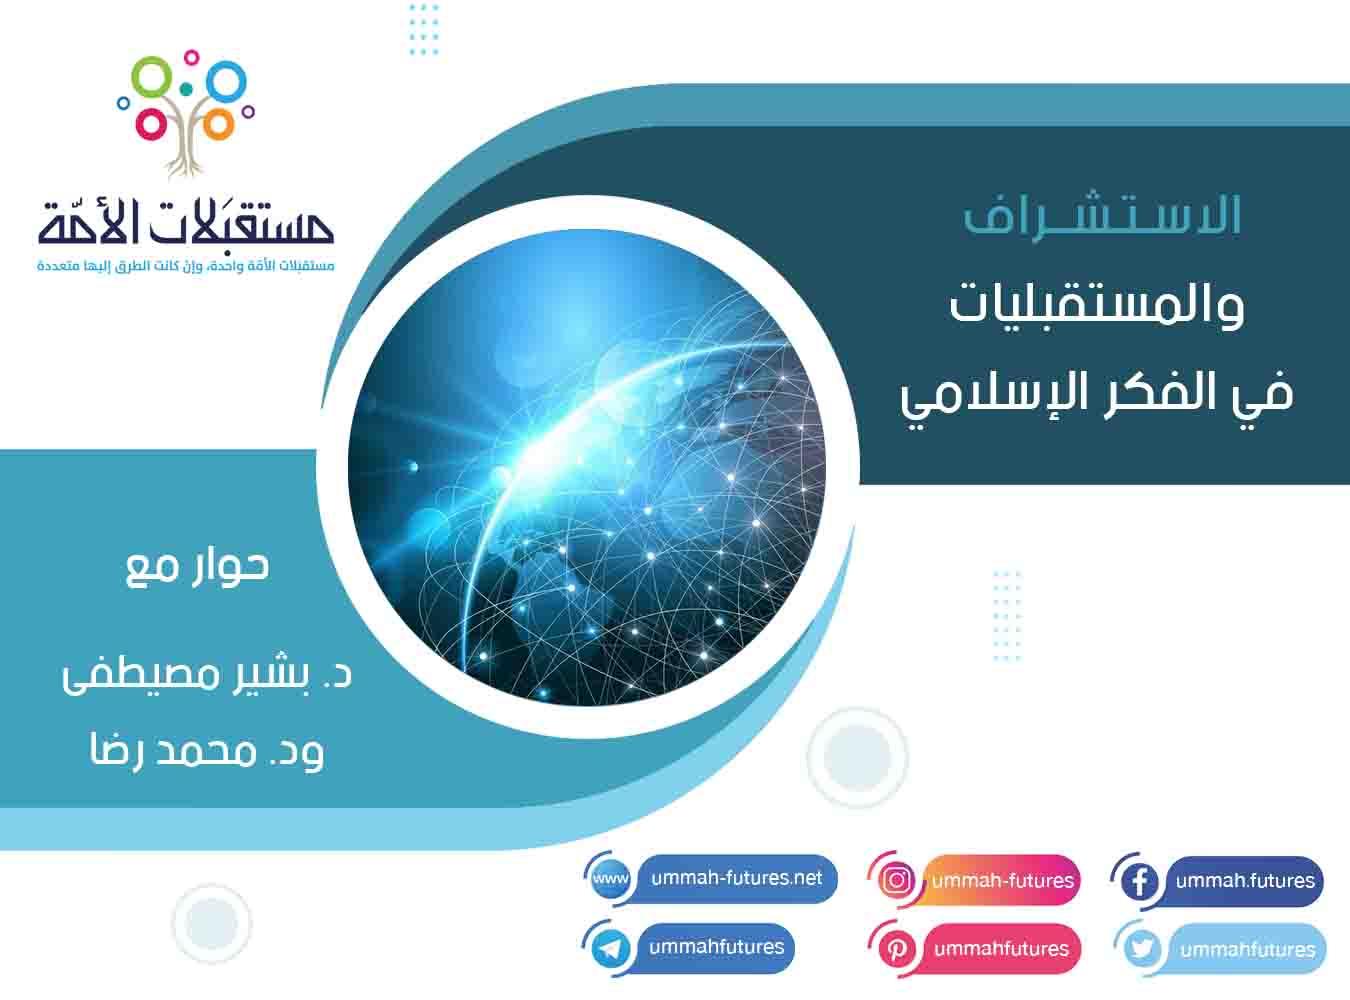 الاستشراف والمستقبليات في الفكر الإسلامي   حوار مع د. بشير مصيطفى ود. محمد رضا